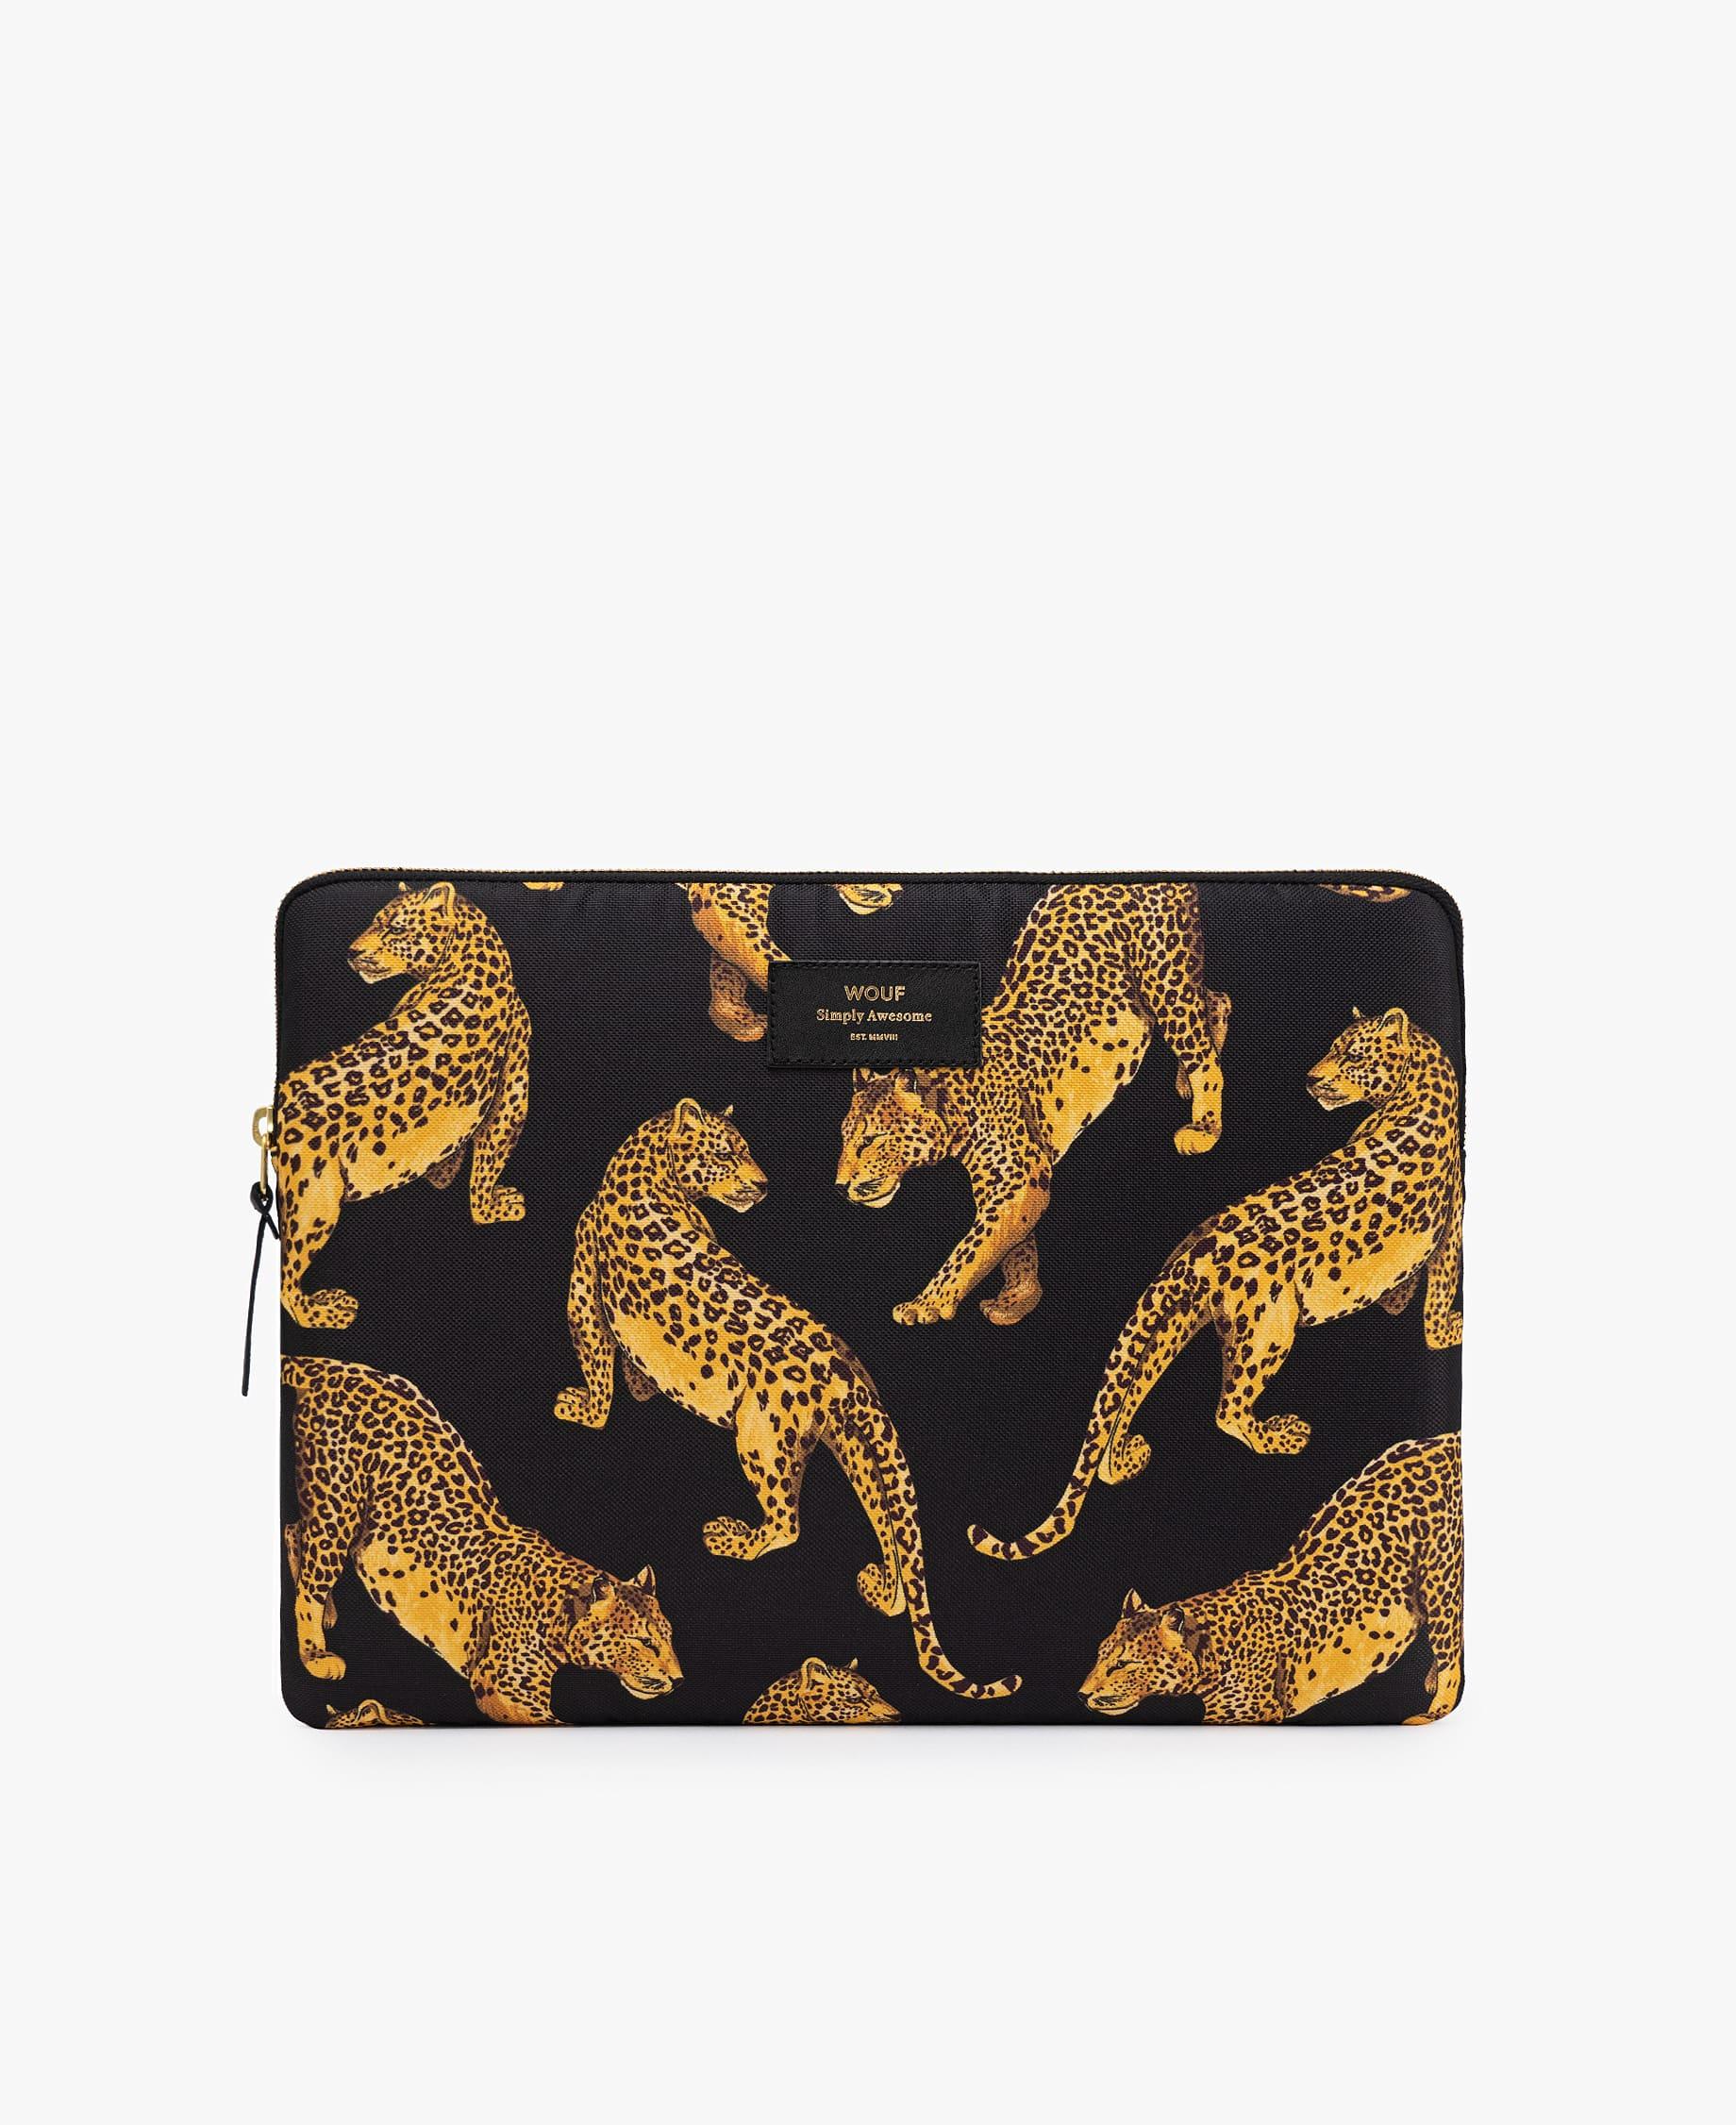 Wouf Black Leopard Laptop Case